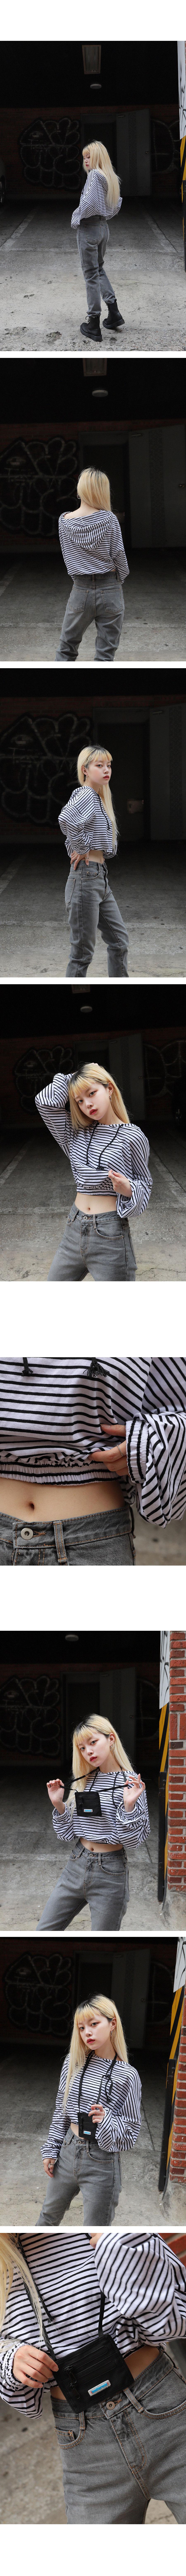 단가라 밴딩 크롭 후드티셔츠 (3color) - 써리미, 13,000원, 상의, 맨투맨/후드티